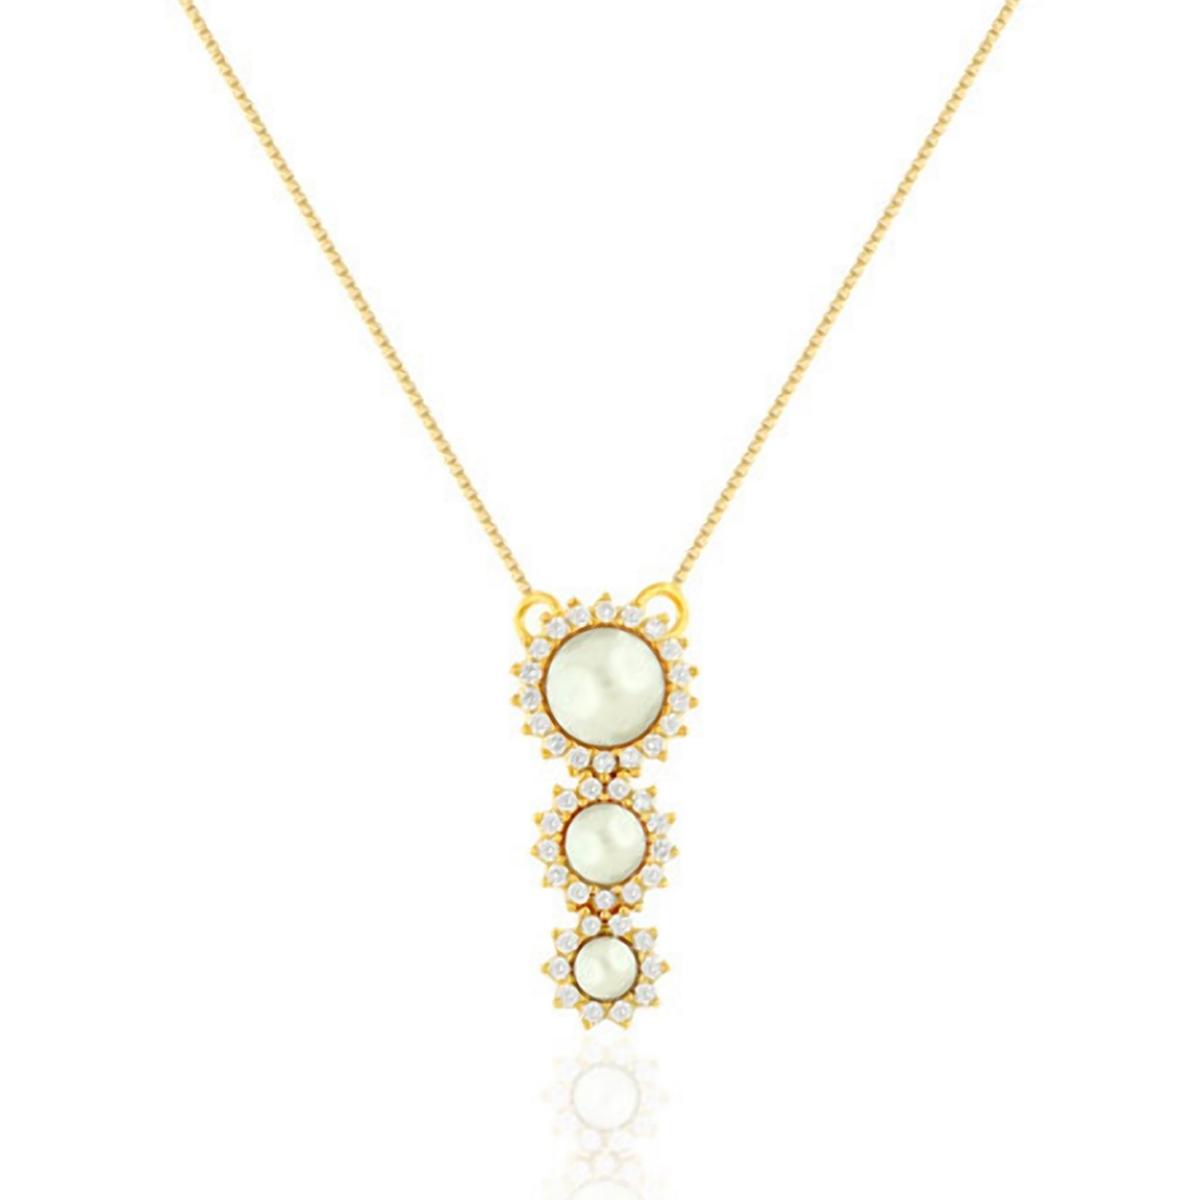 Colar de Pérolas Shell e Zircônia Branca Semijoia em Ouro 18K  - Soloyou